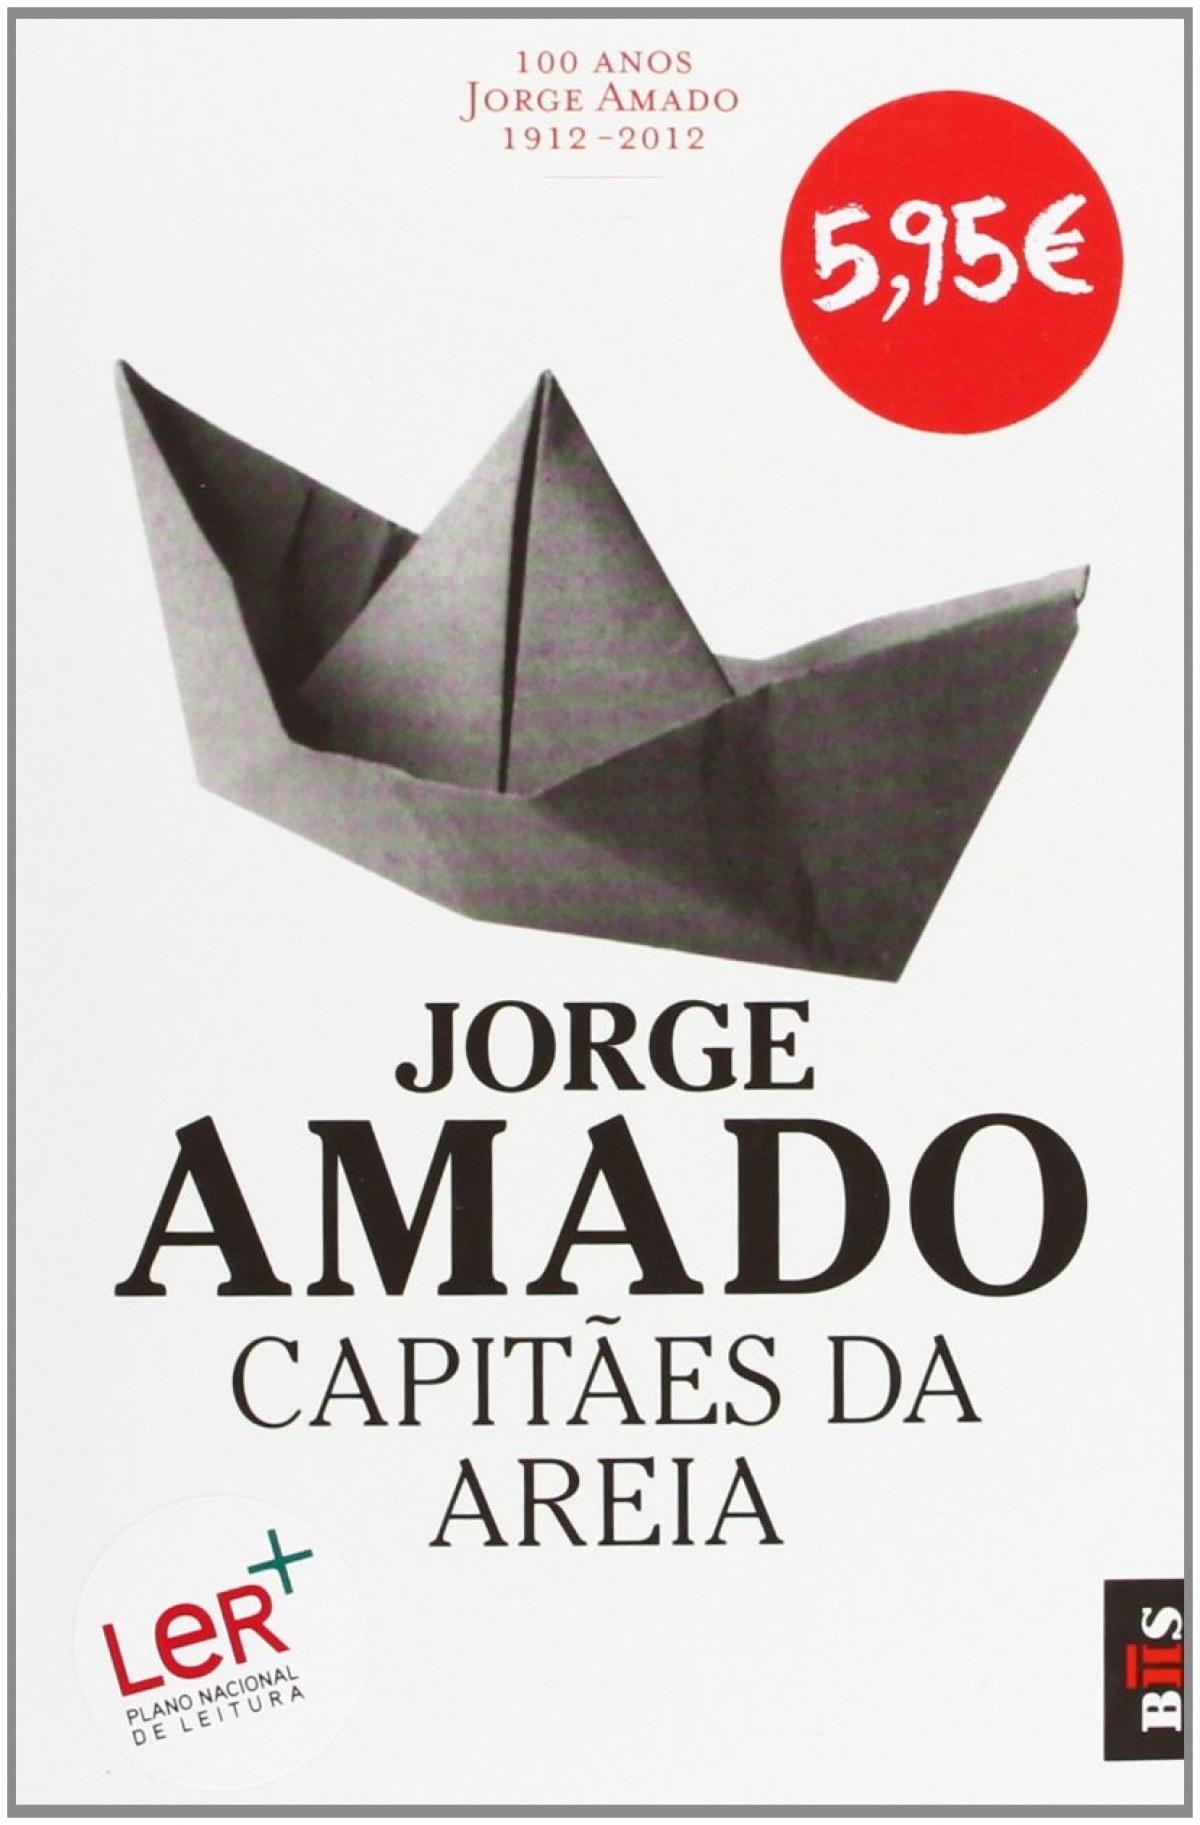 Capitaes da areia - Amado, Jorge